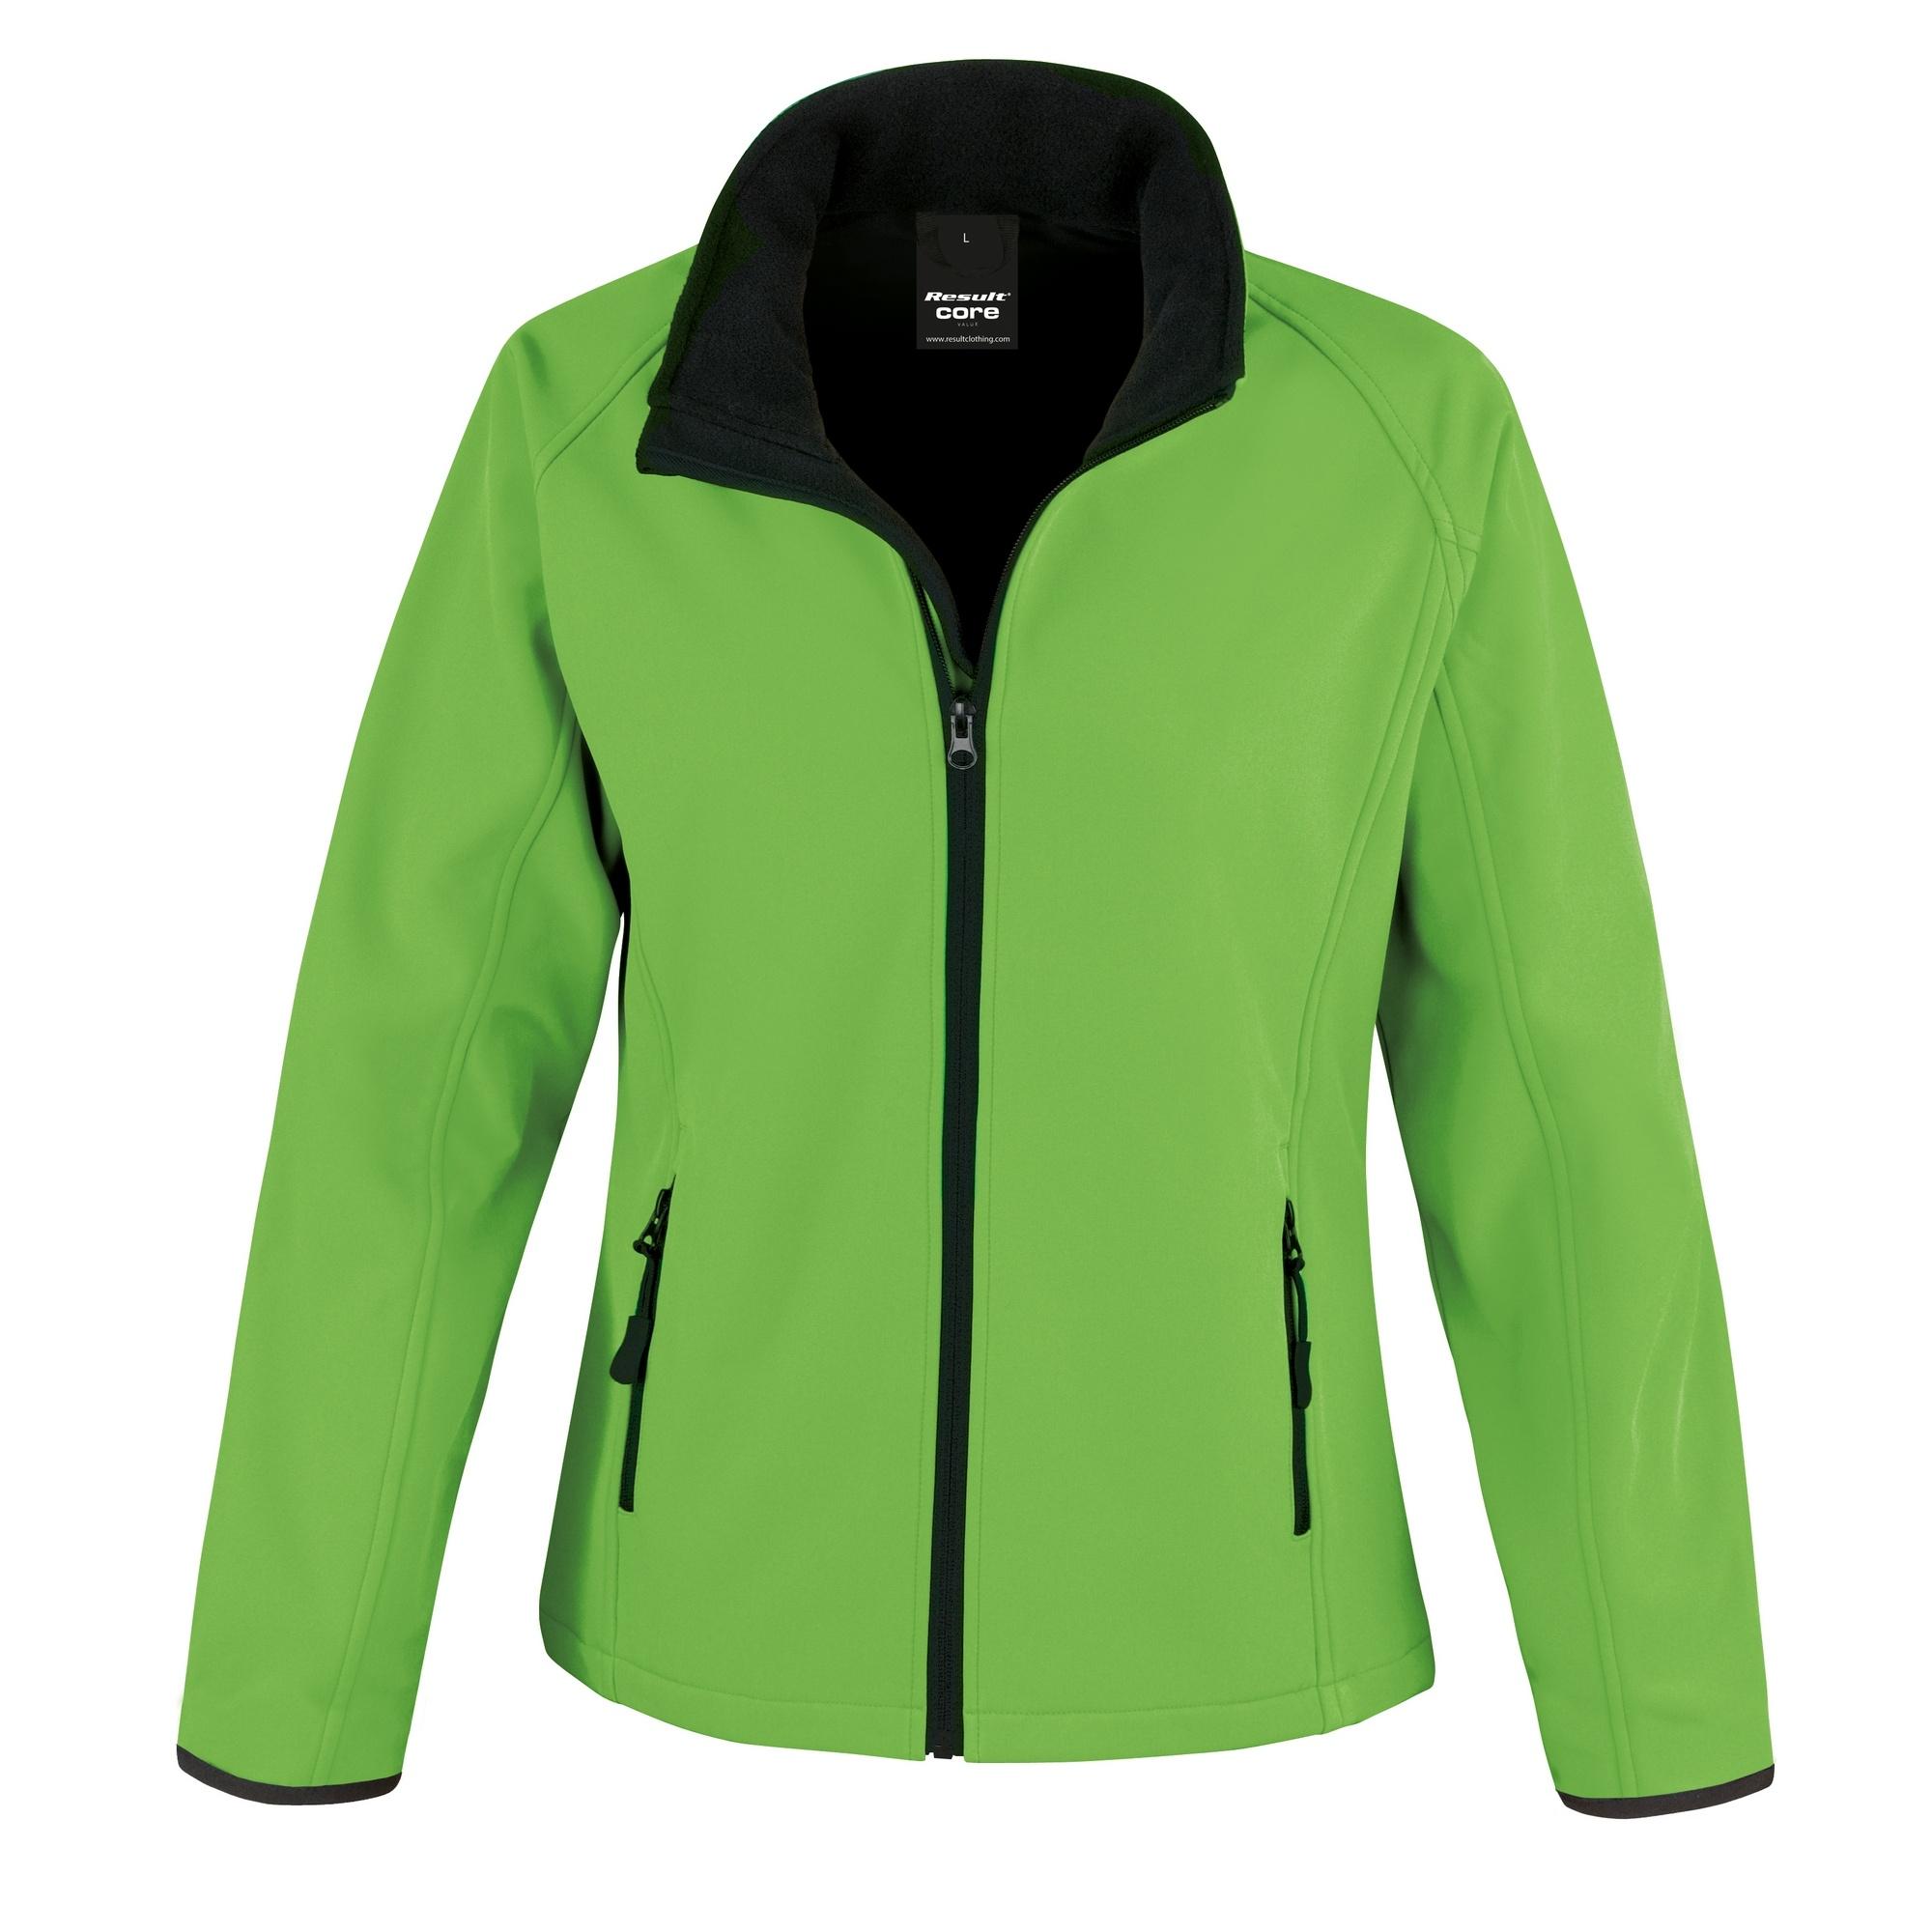 Result Womens/Ladies Core Printable Softshell Jacket (L) (Vivid Green / Black)